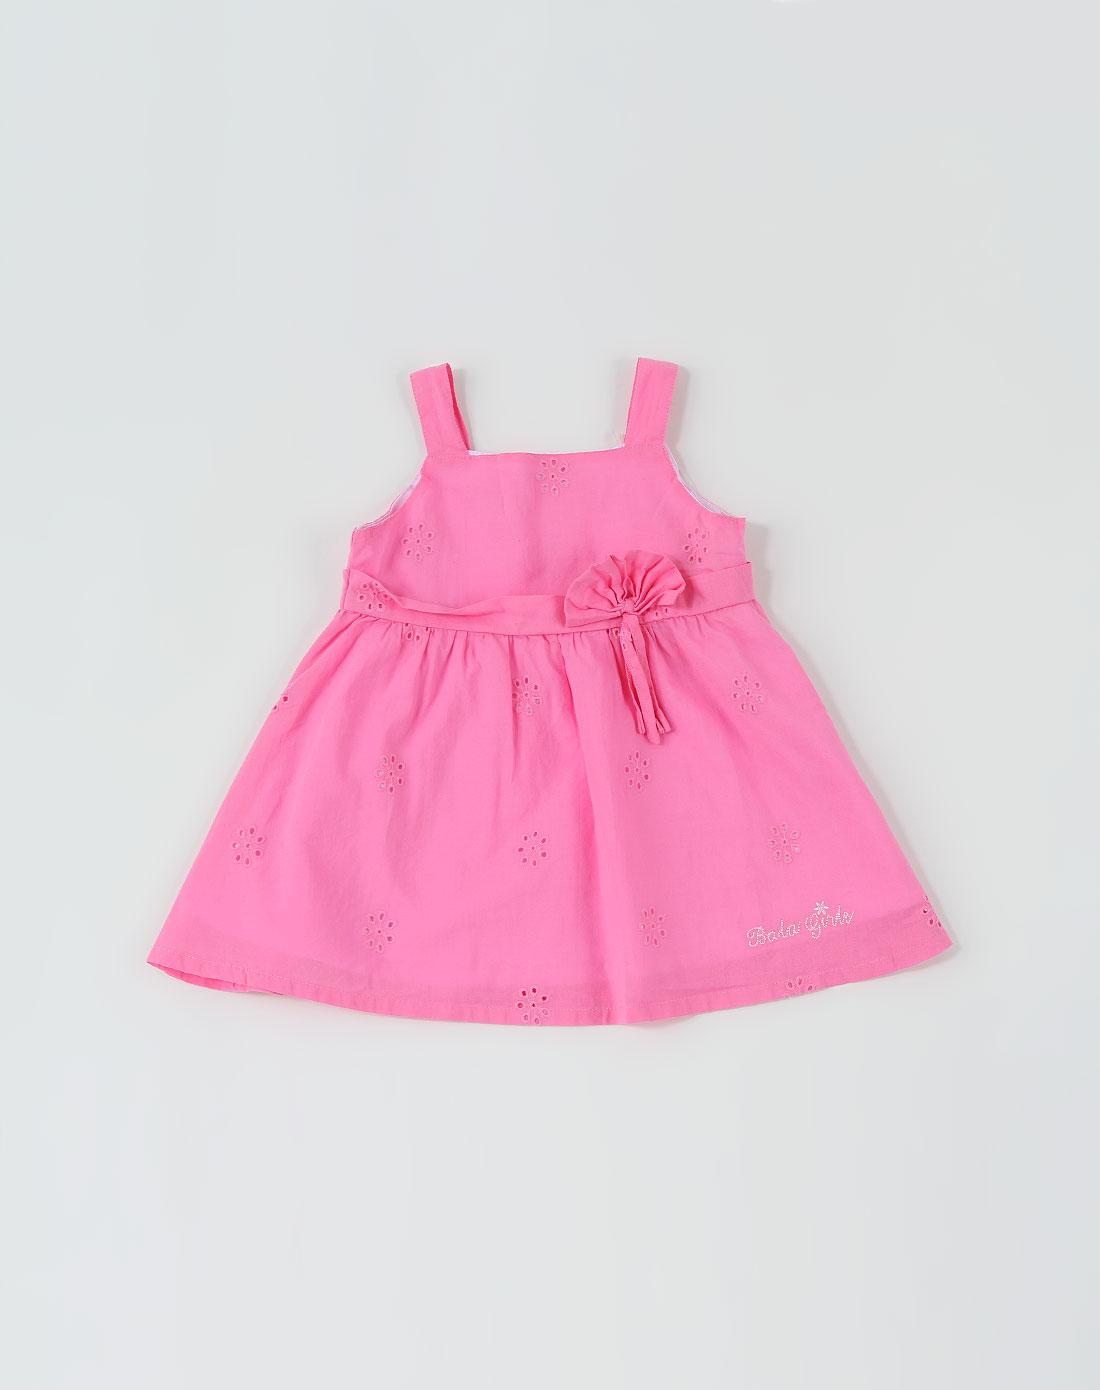 巴拉巴拉balabala男女童混合专场女童桃红色可爱背心连衣裙